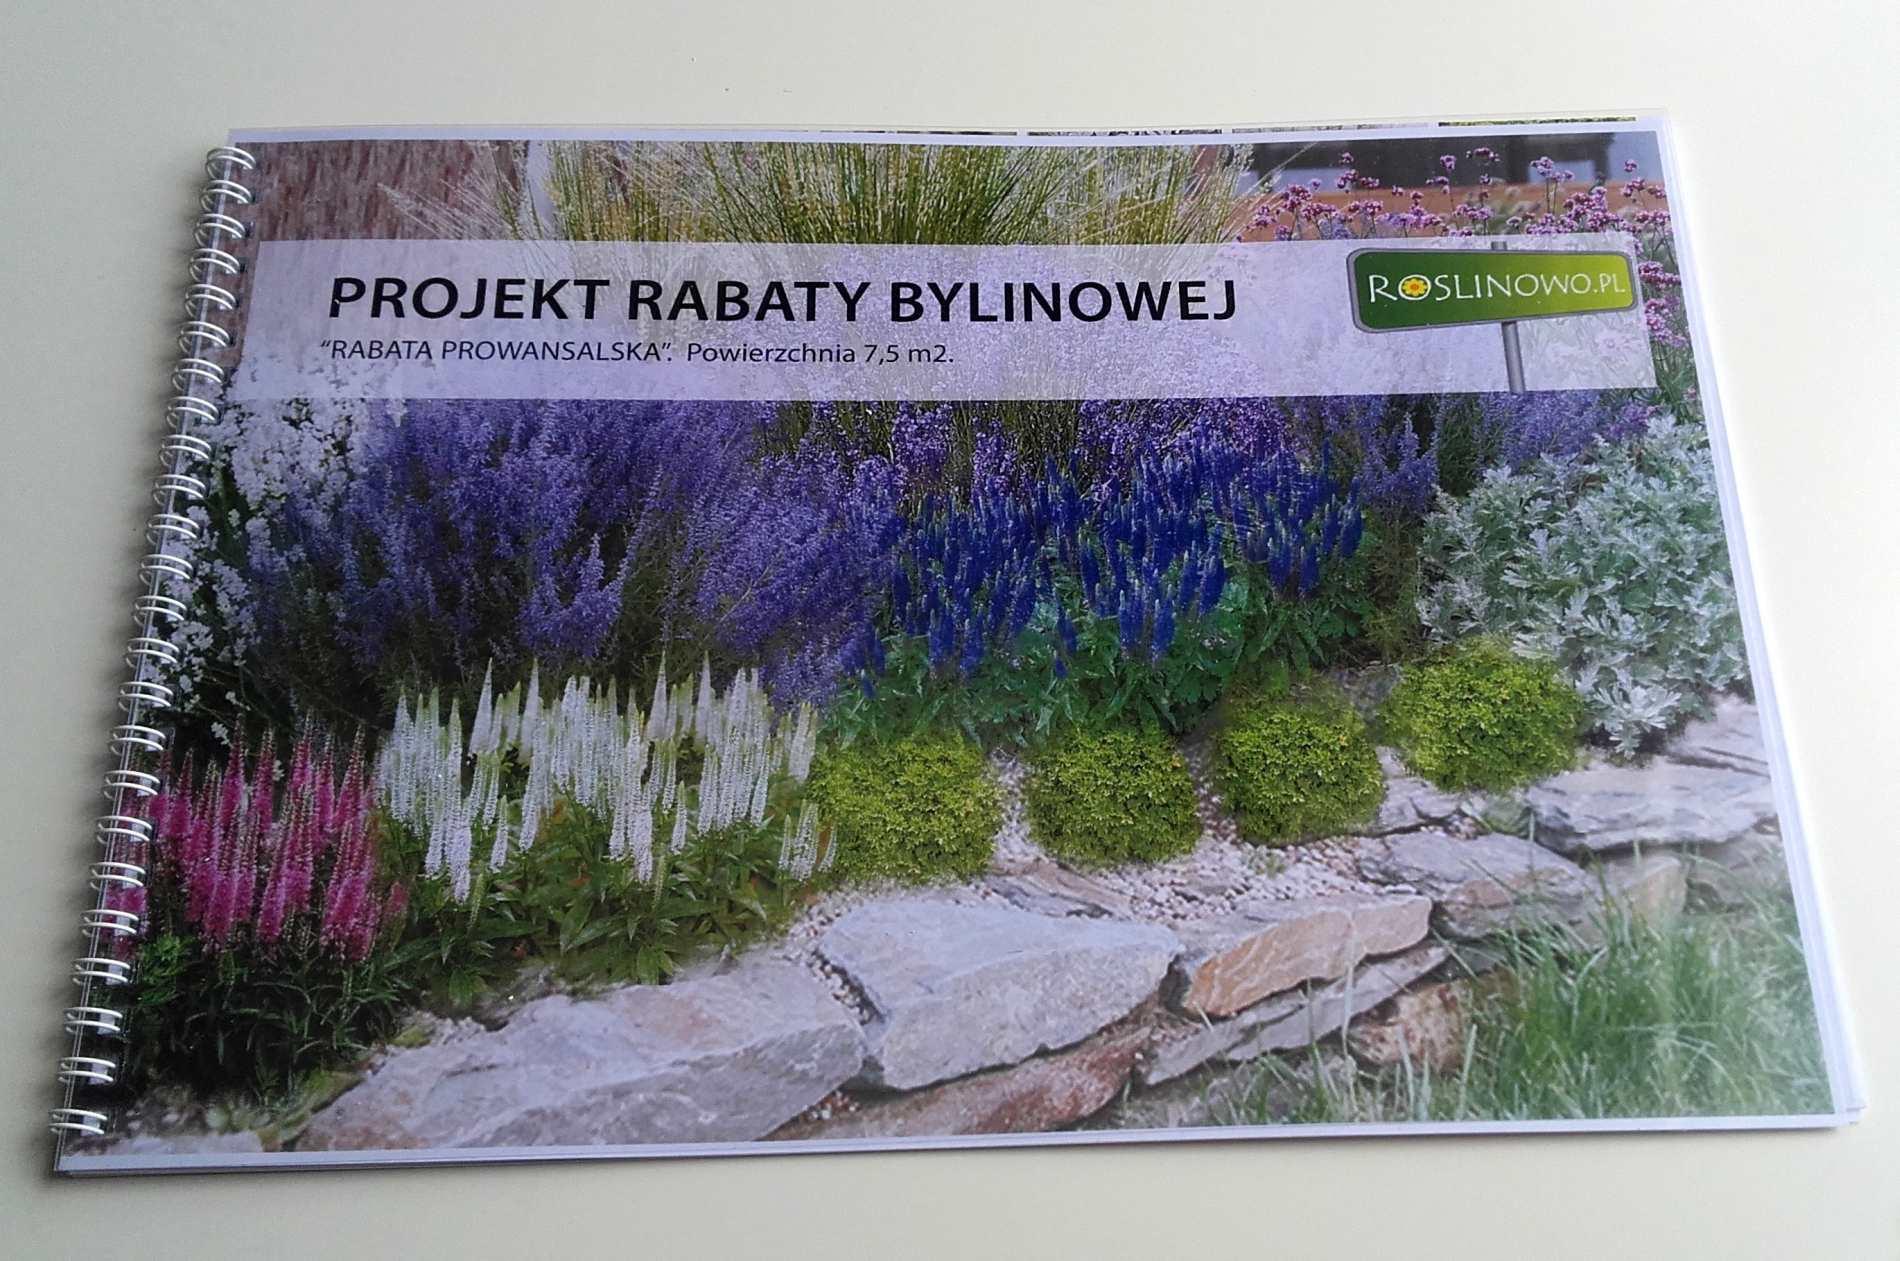 Okładka wydrukowanego projektu rabaty prowansalskiej.